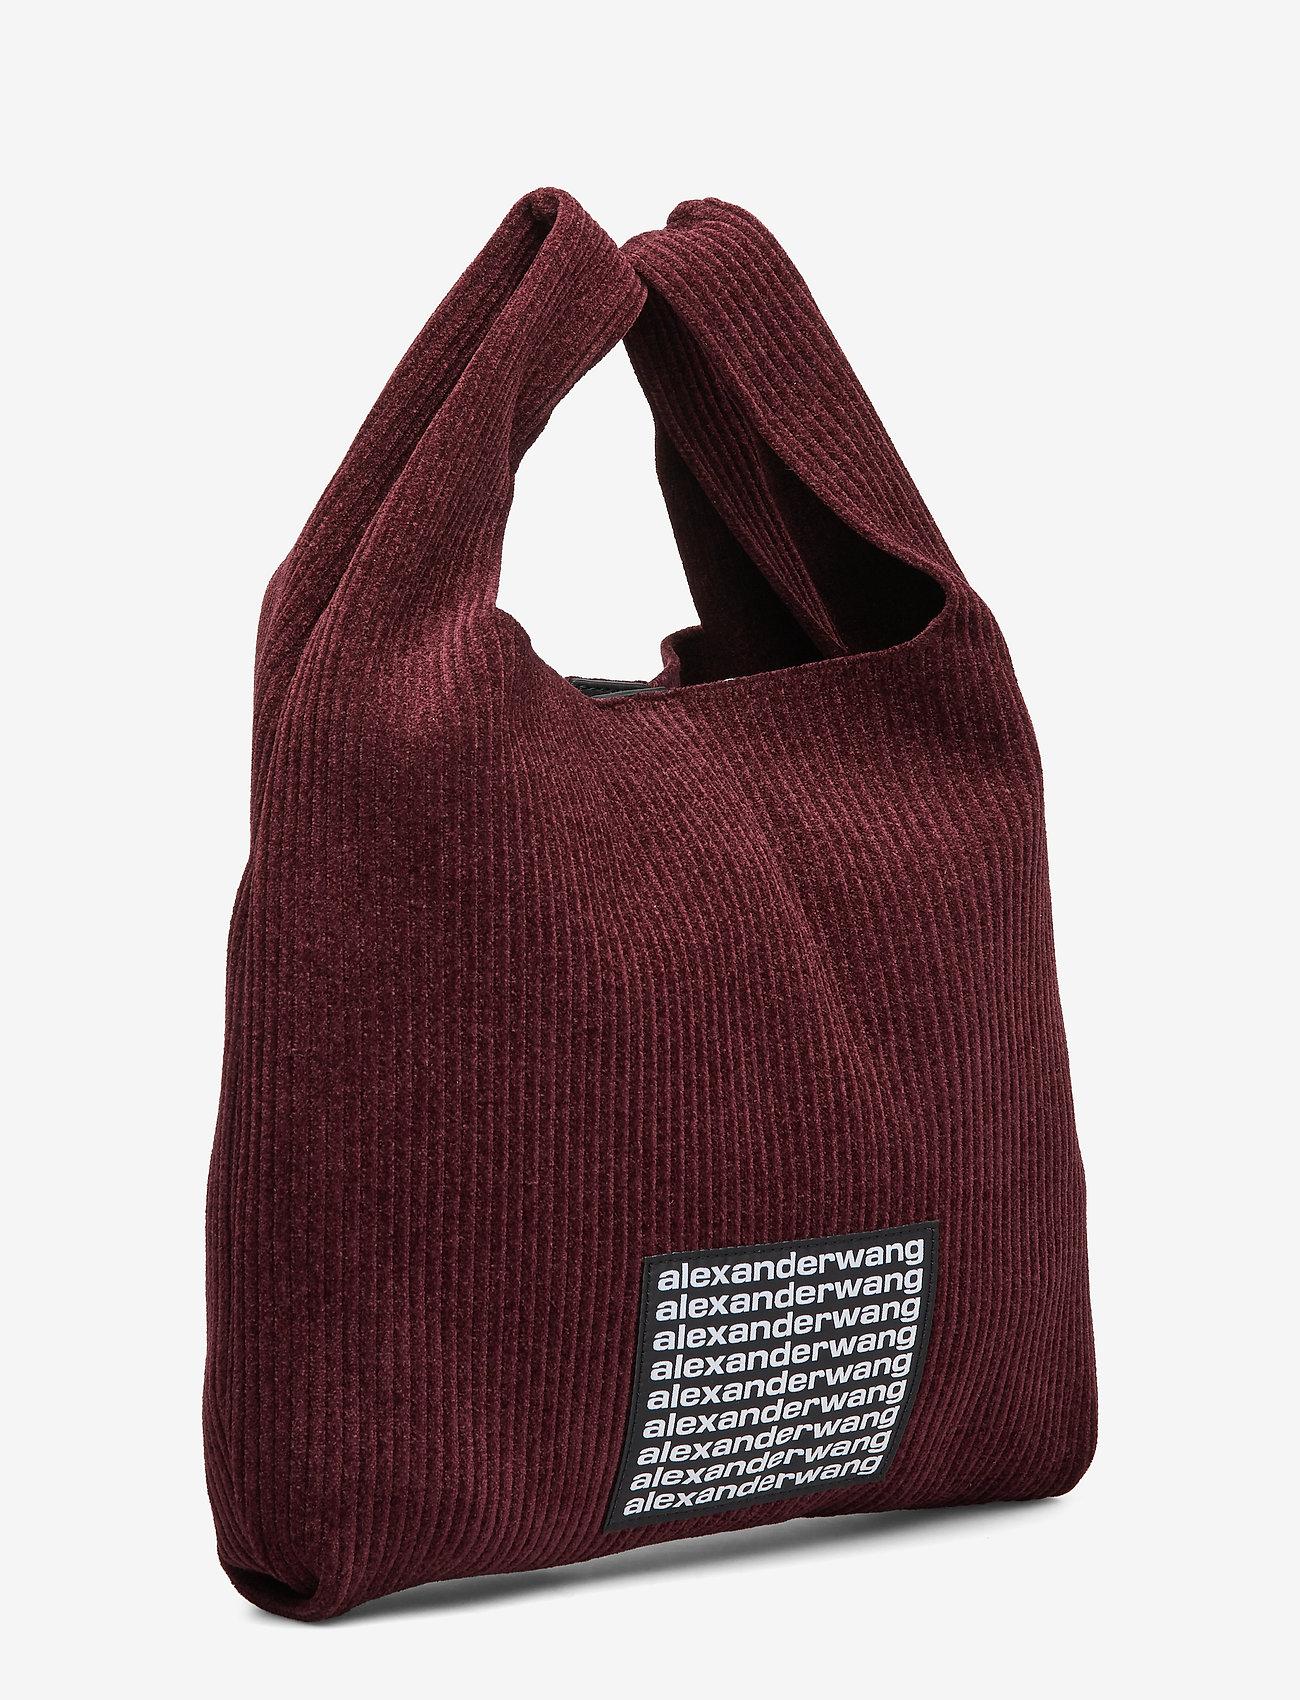 Alexander Wang Knit Medium Shopper Burgundy Chenille - Shoppers